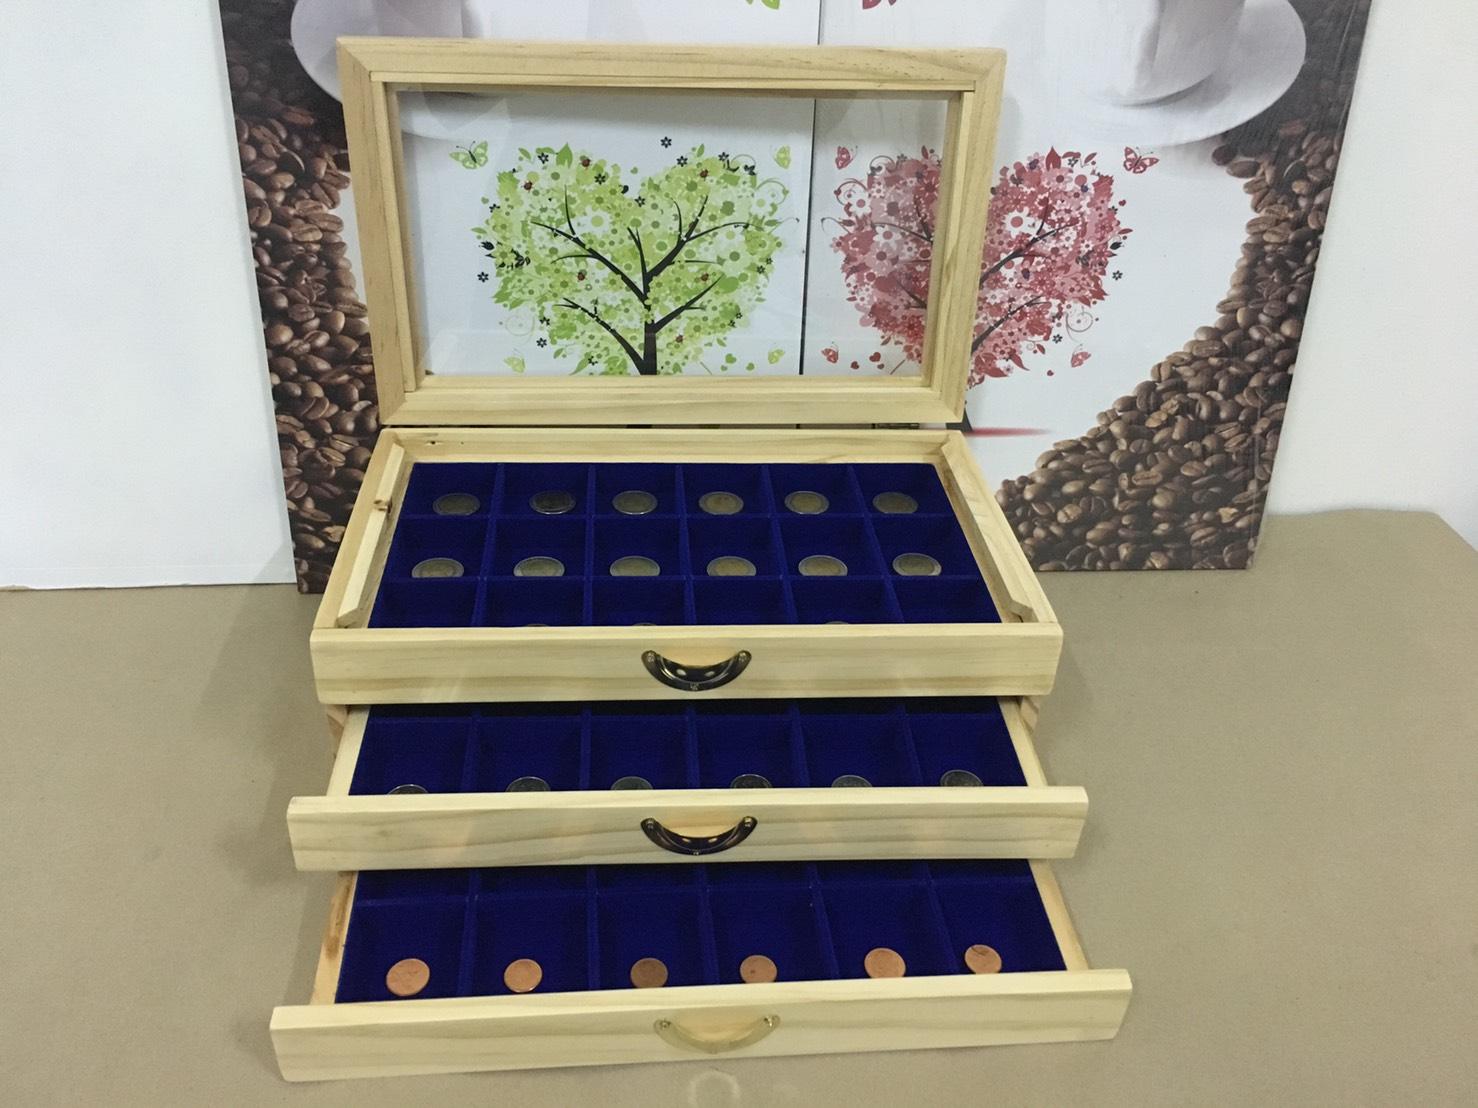 กล่องใส่พระงานไม้สน 3 ชั้นสีน้ำ้งิน 54 ช่อง งานสวย สำหรับเก็บพระ เก็บเหรียญ ต่าง(พร้อมส่ง)